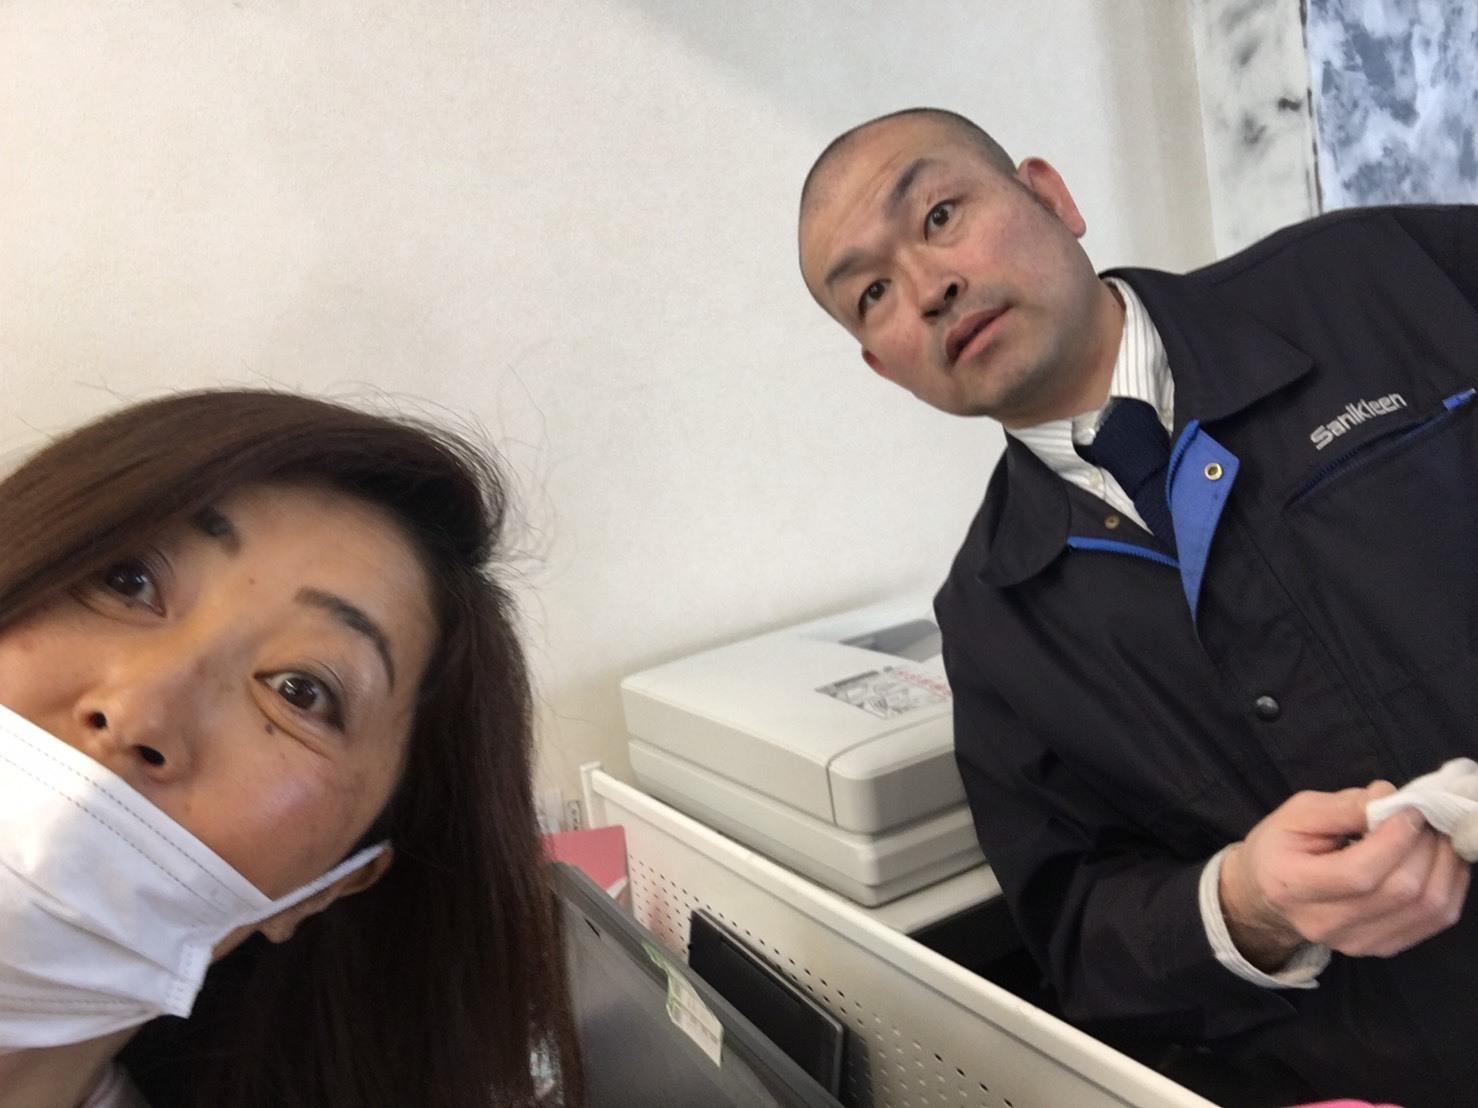 2月27日(木)本店ブログ♩GMCユーコンデナリ XL あります♡ ランクル ハマー アルファード_b0127002_19302124.jpg